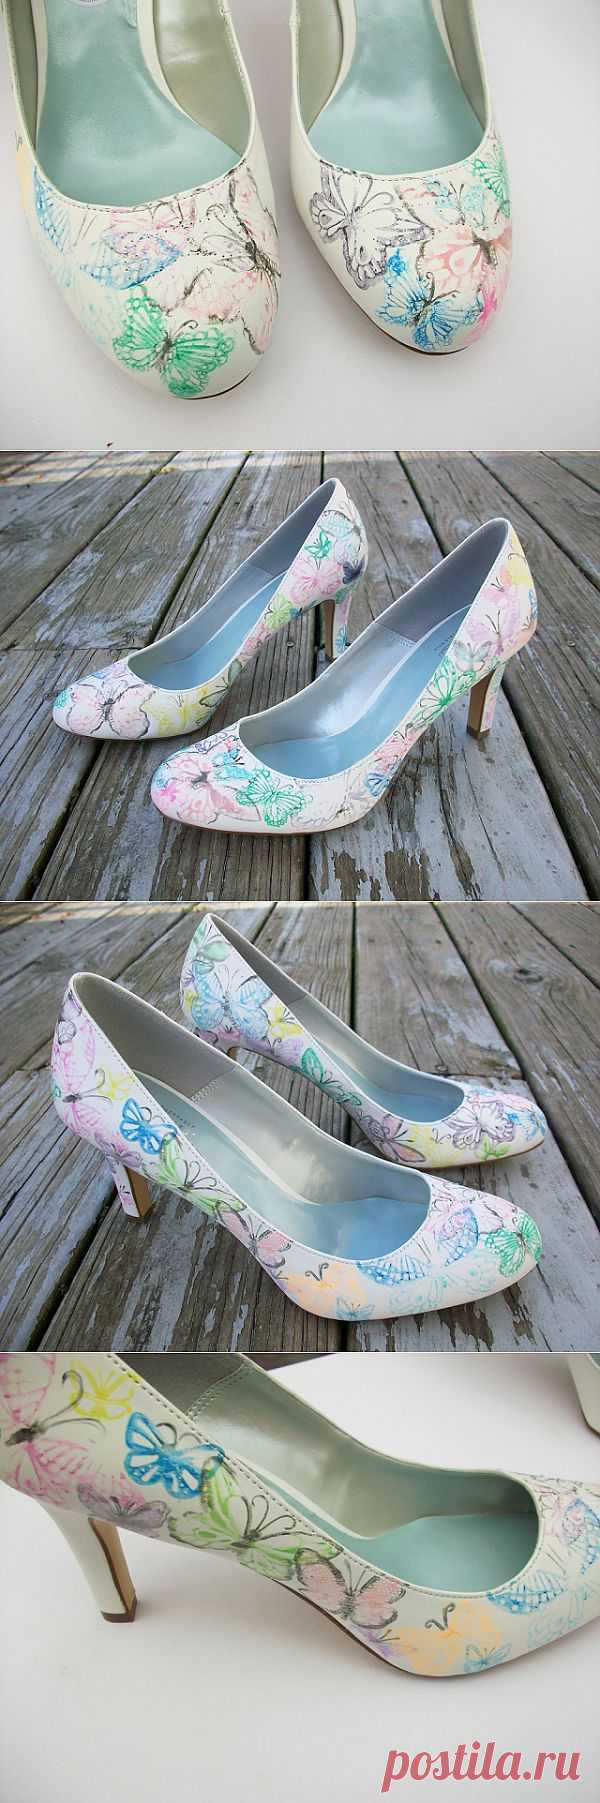 Бабочки на туфлях (мастер-класс) / Обувь / Модный сайт о стильной переделке одежды и интерьера